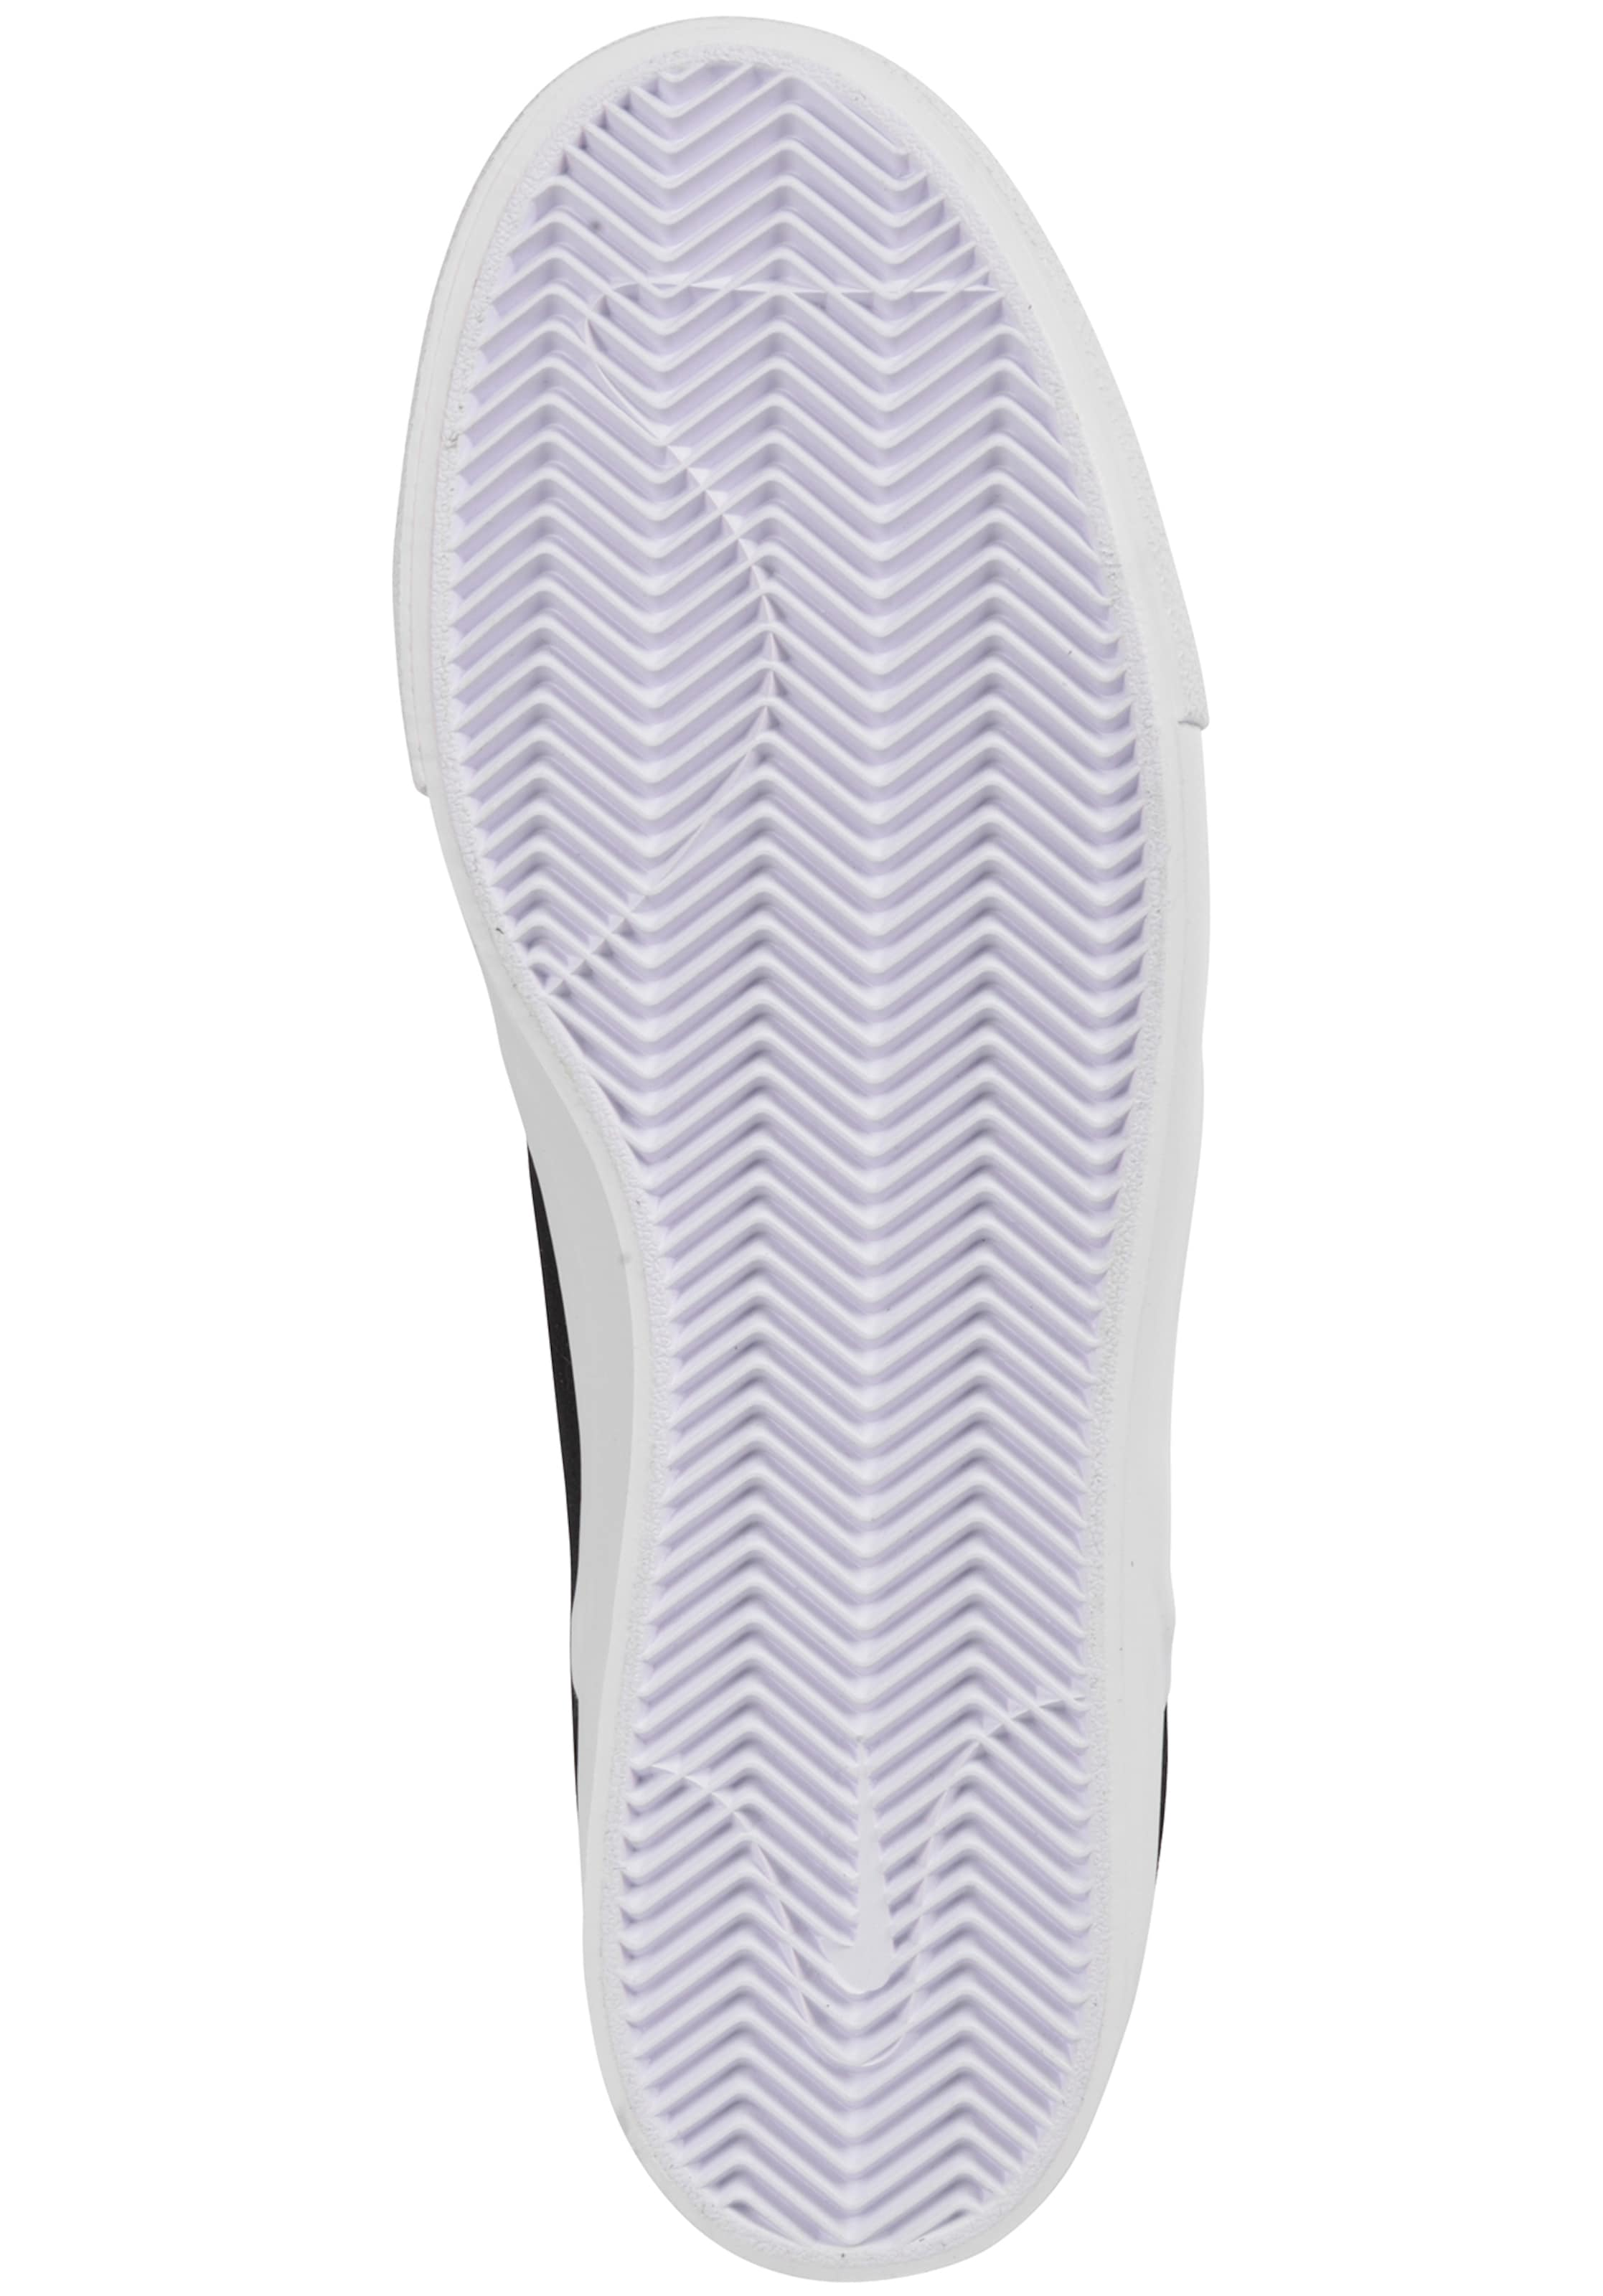 Sb Janoski Rm Sneaker 'zoom Prm' BlauHelllila Schwarz Nike Weiß In hQrtsdxC